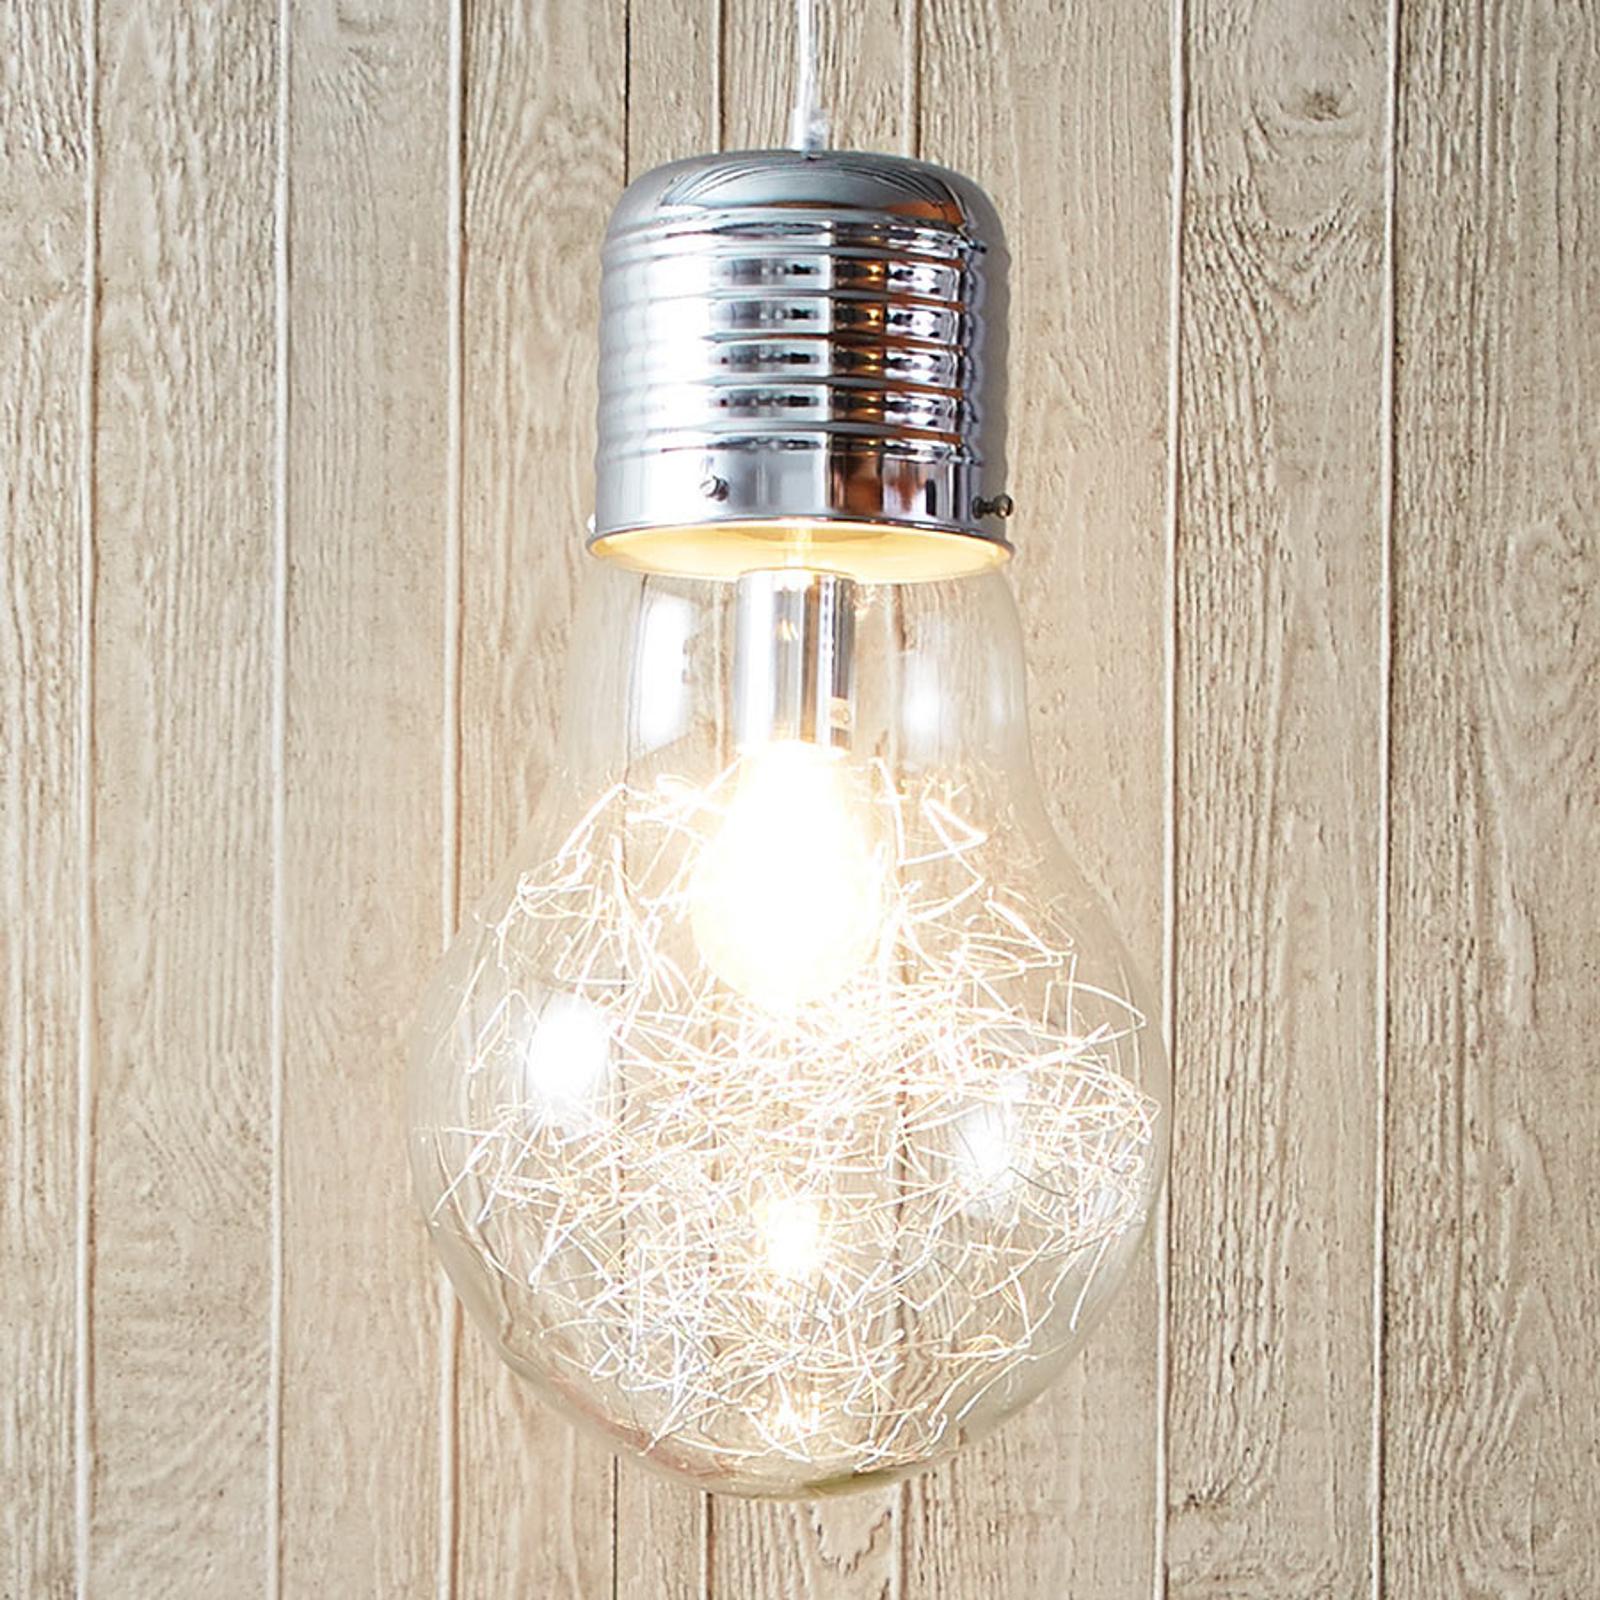 Duhové skleněné závěsné světlo Bulb, chrom